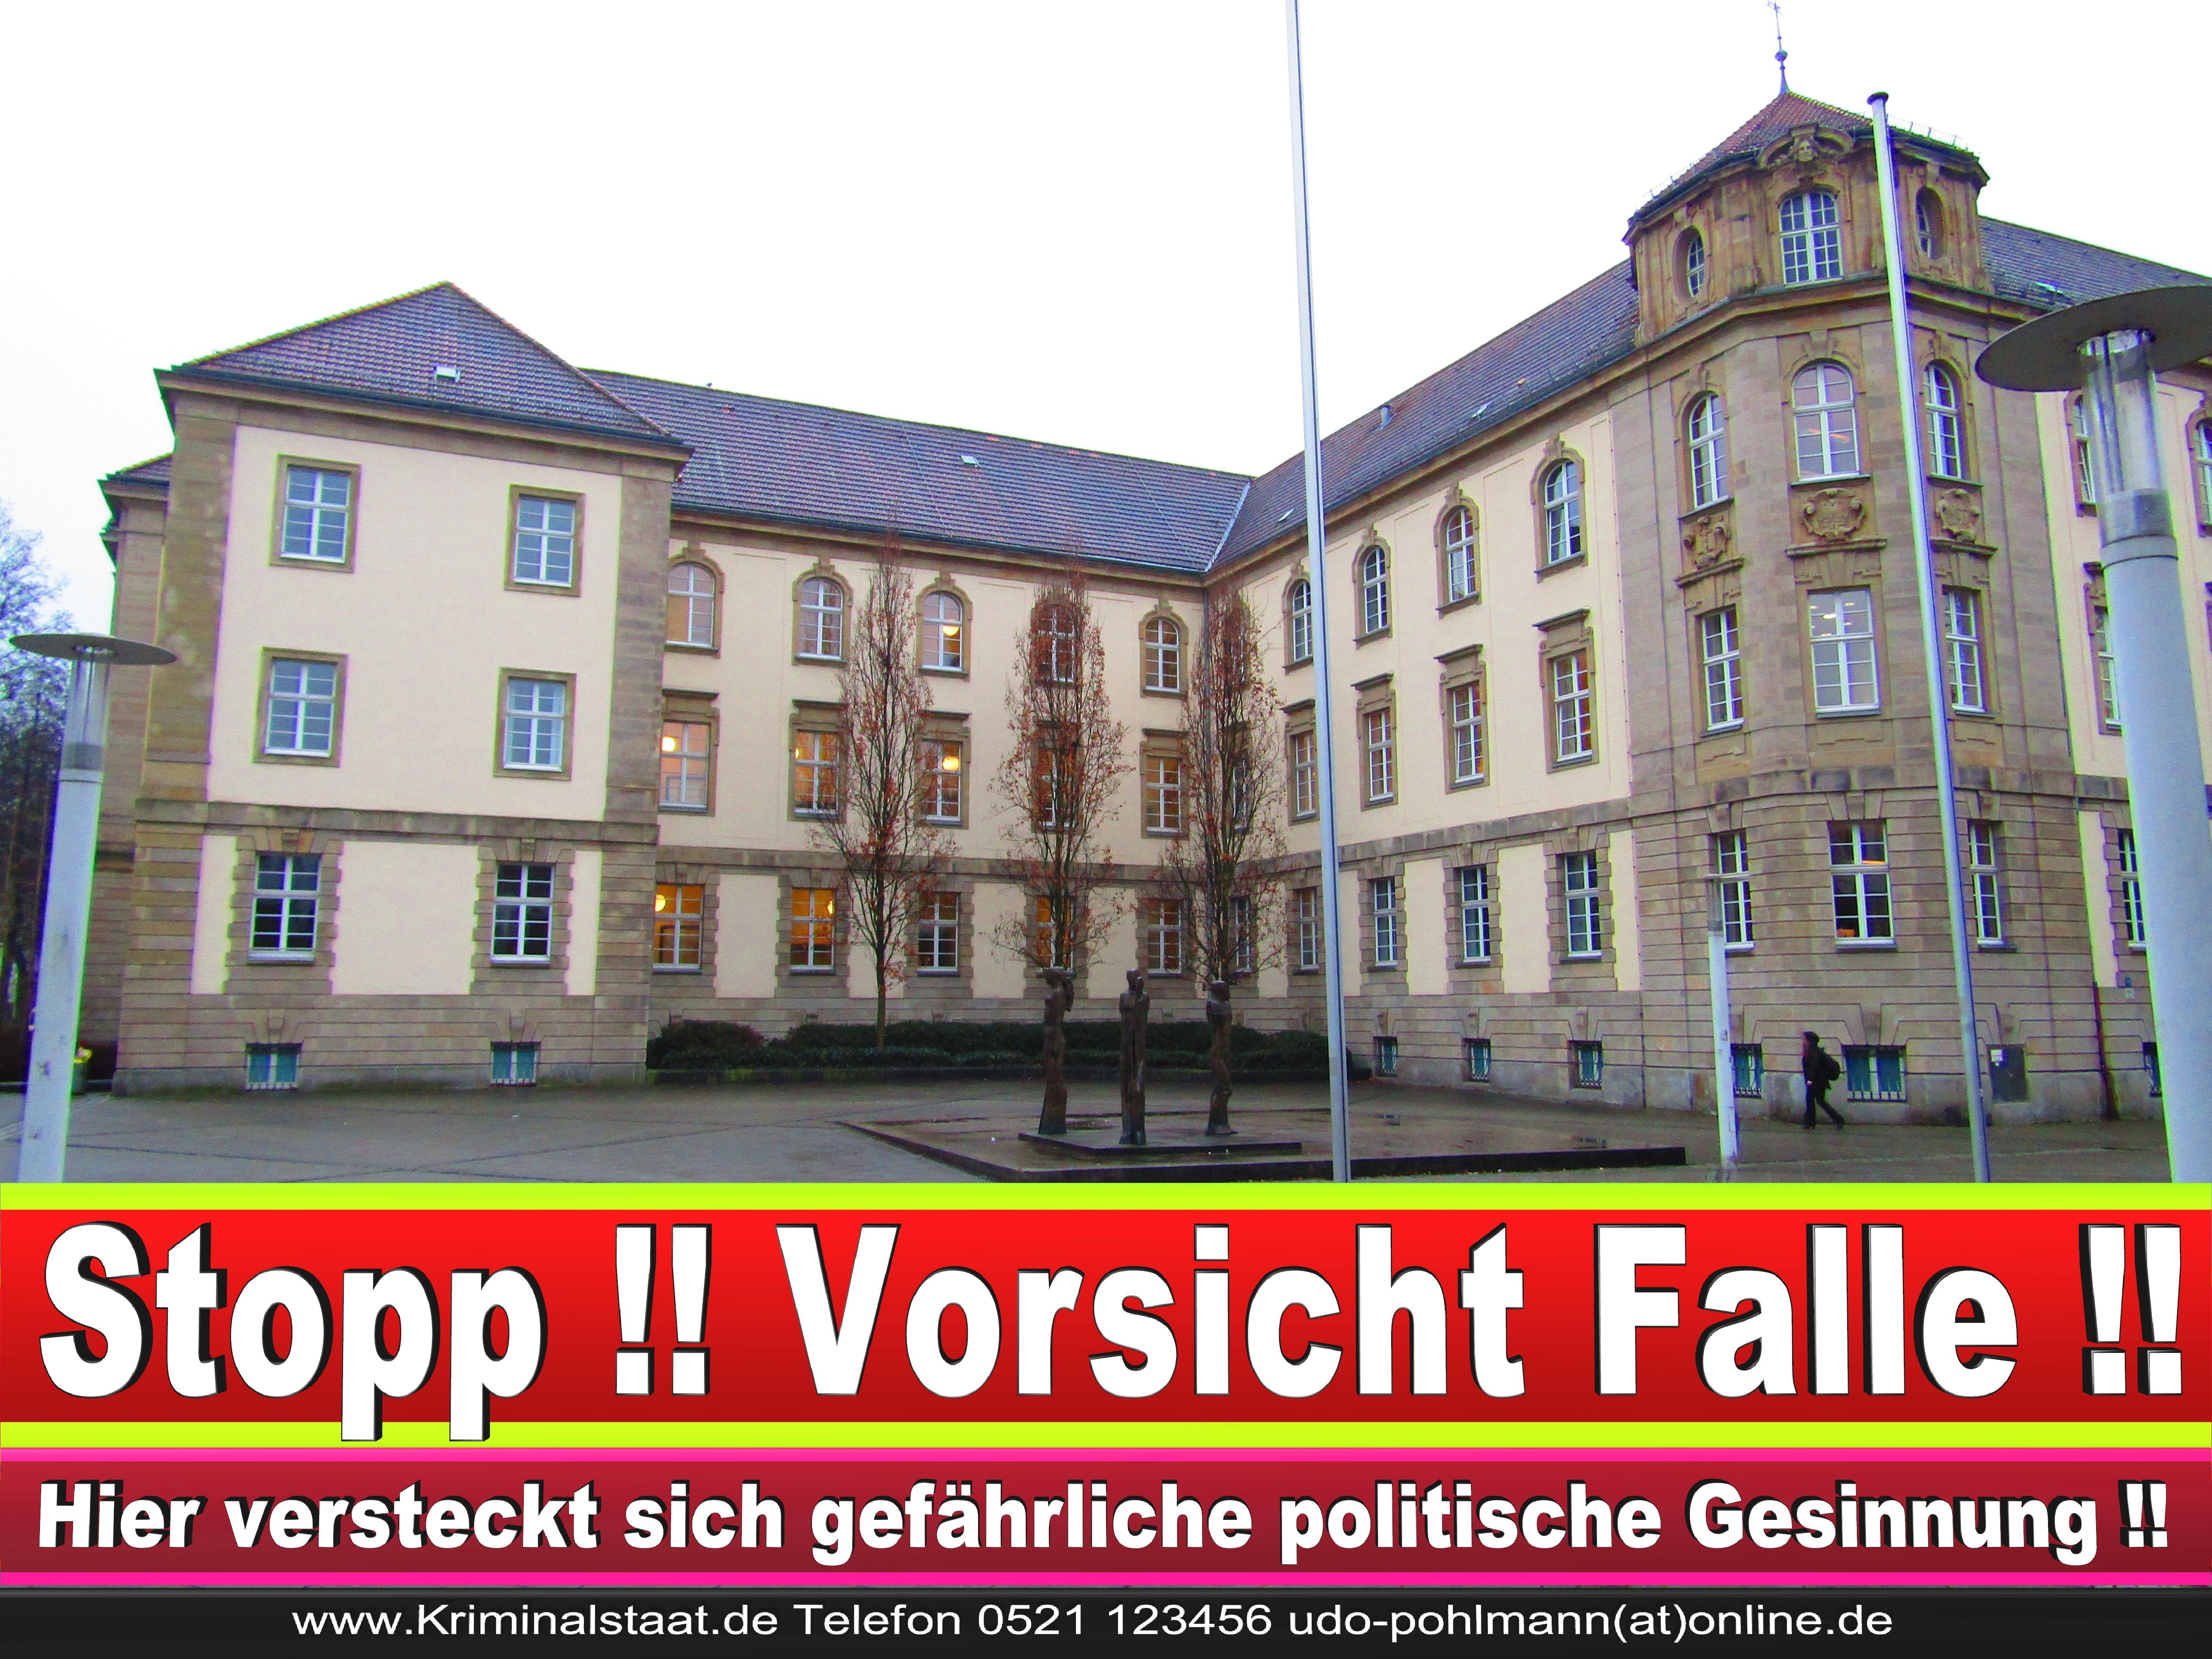 AMTSGERICHT DORTMUND RICHTER AUSBILDUNG PRAKTIKUM ANFAHRT URTEILE KORRUPTION POLIZEI ADRESSE DIREKTOR (16) 2